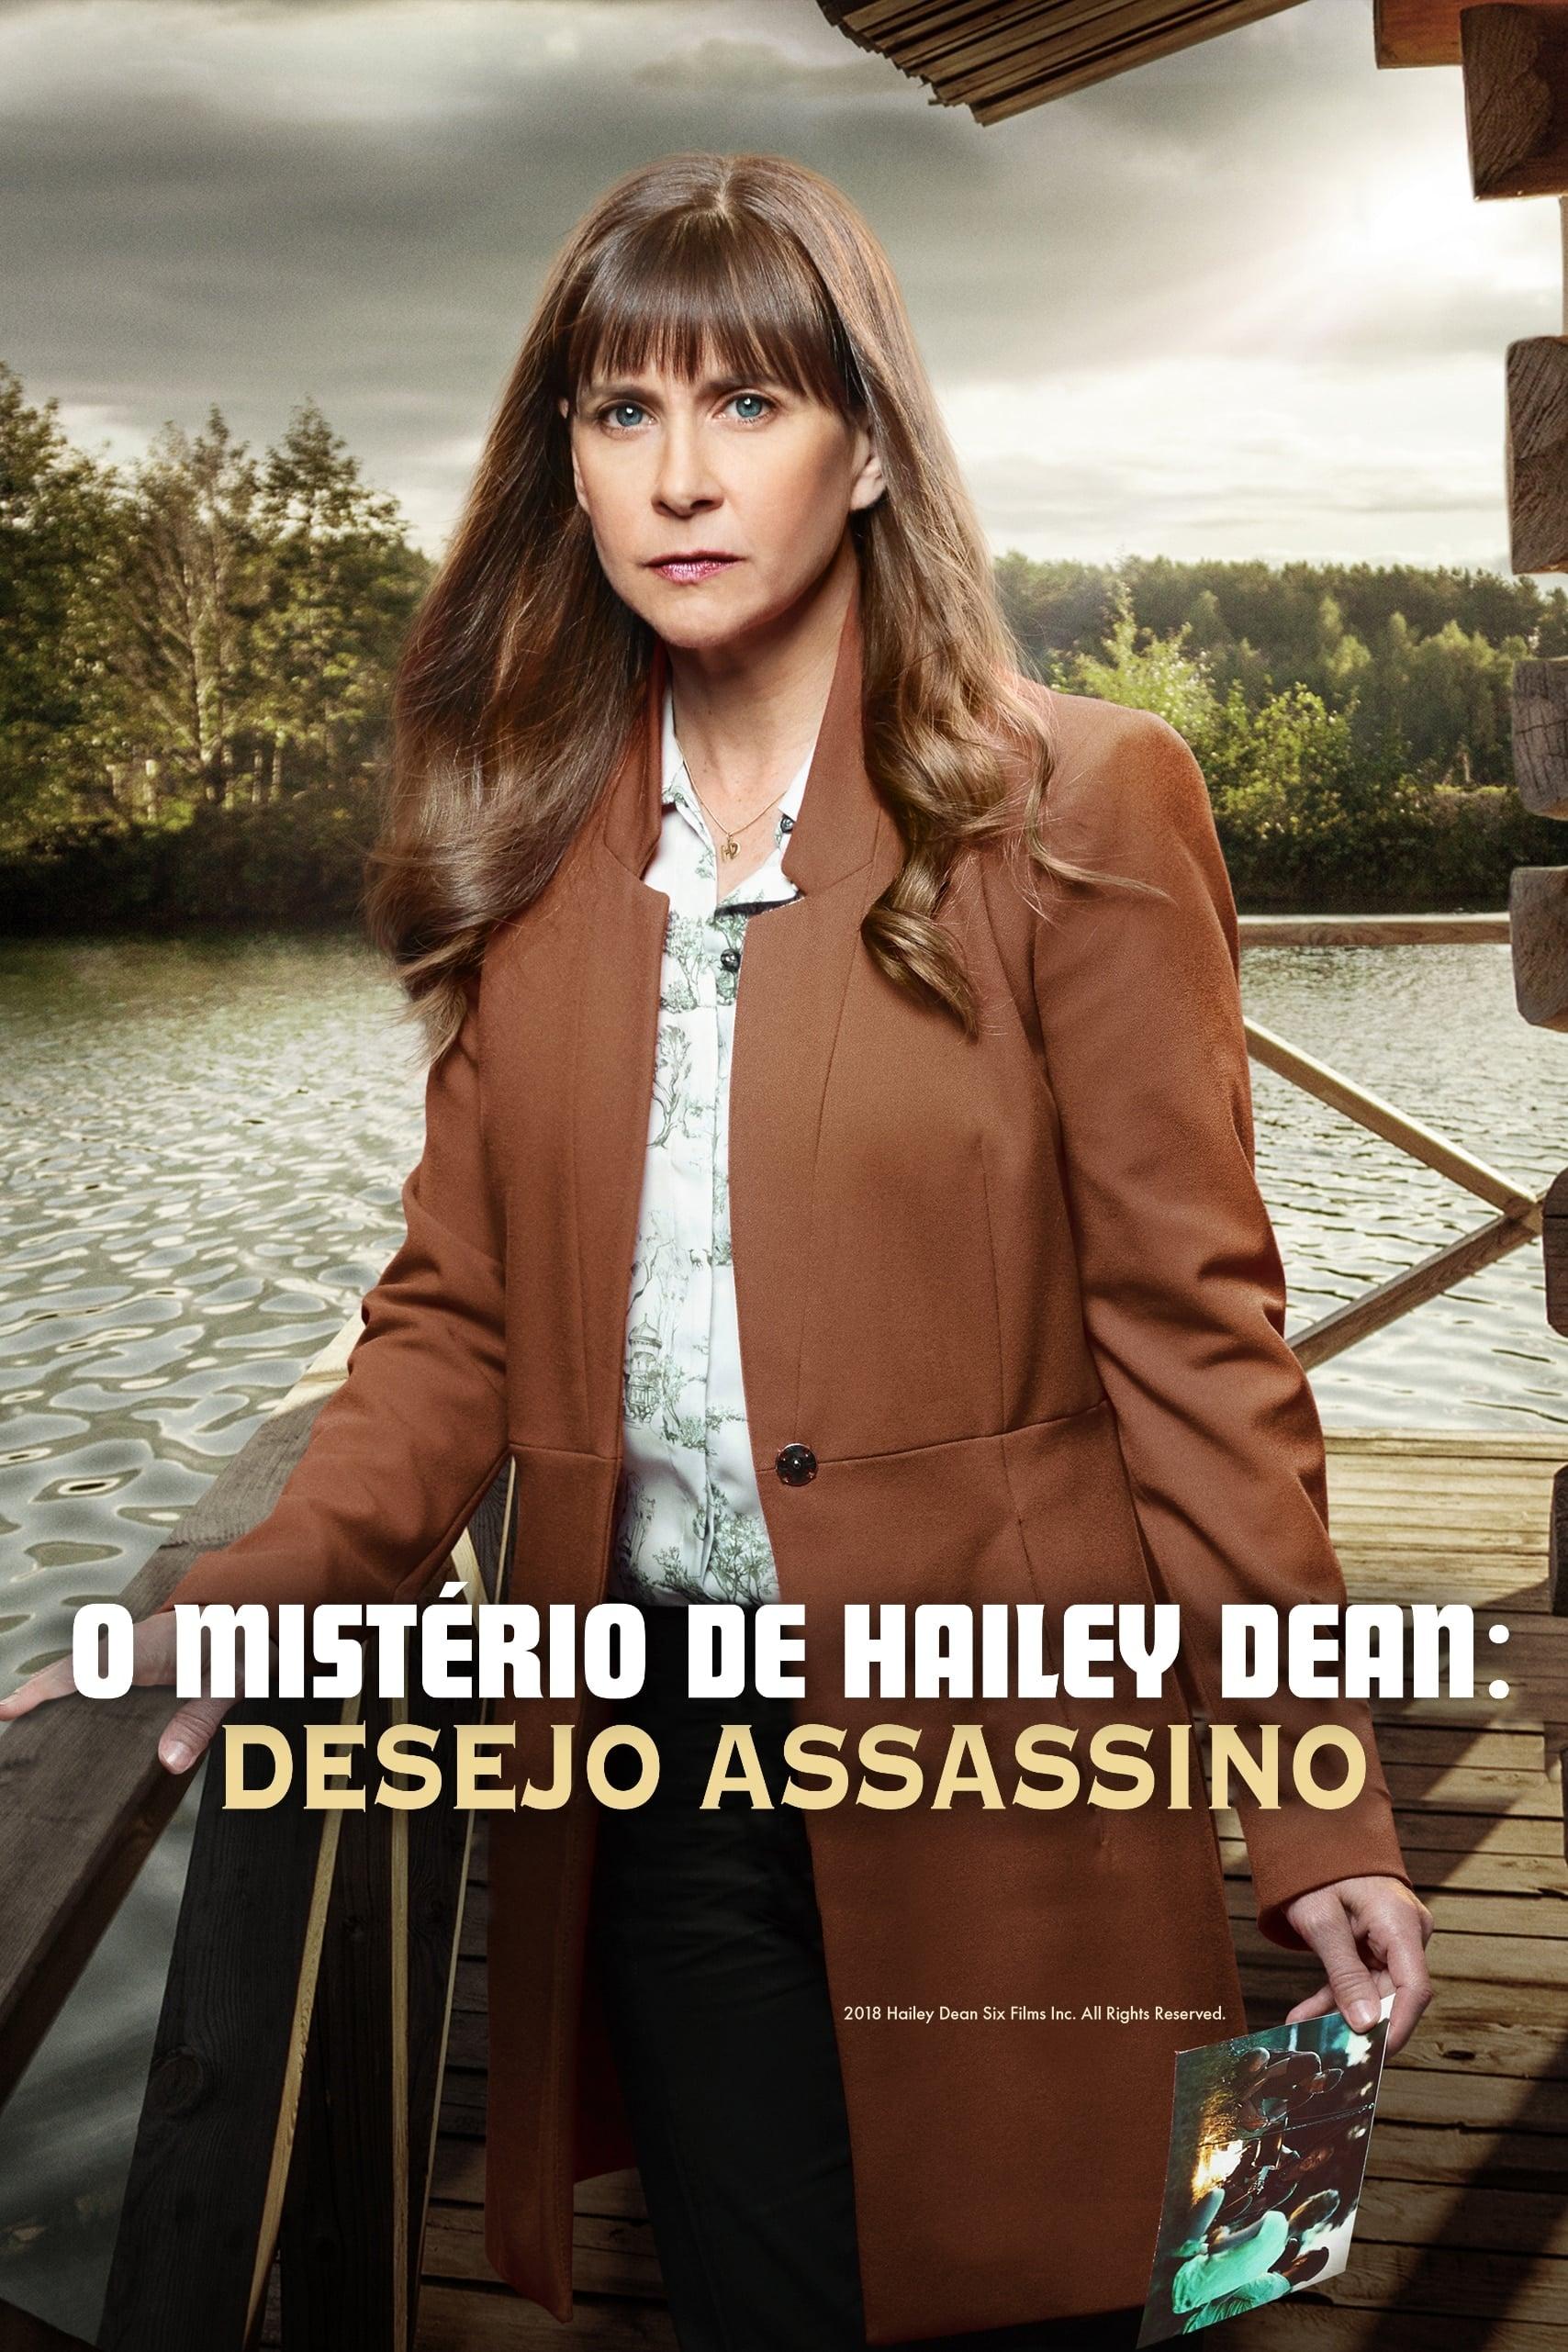 O Mistério de Hailey Dean: Desejo Assassino Dublado